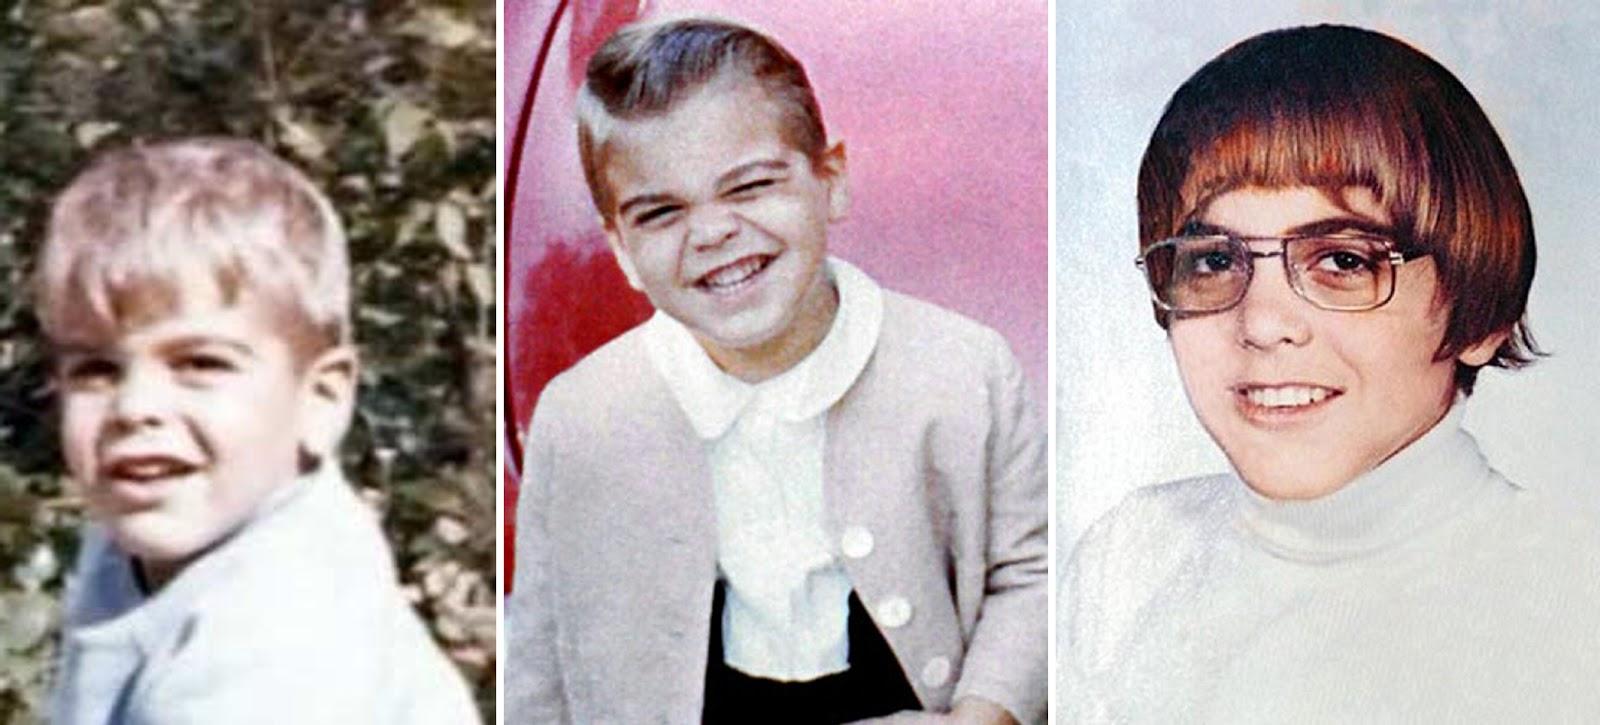 Тест: узнаете ли вы актёров по детским фото